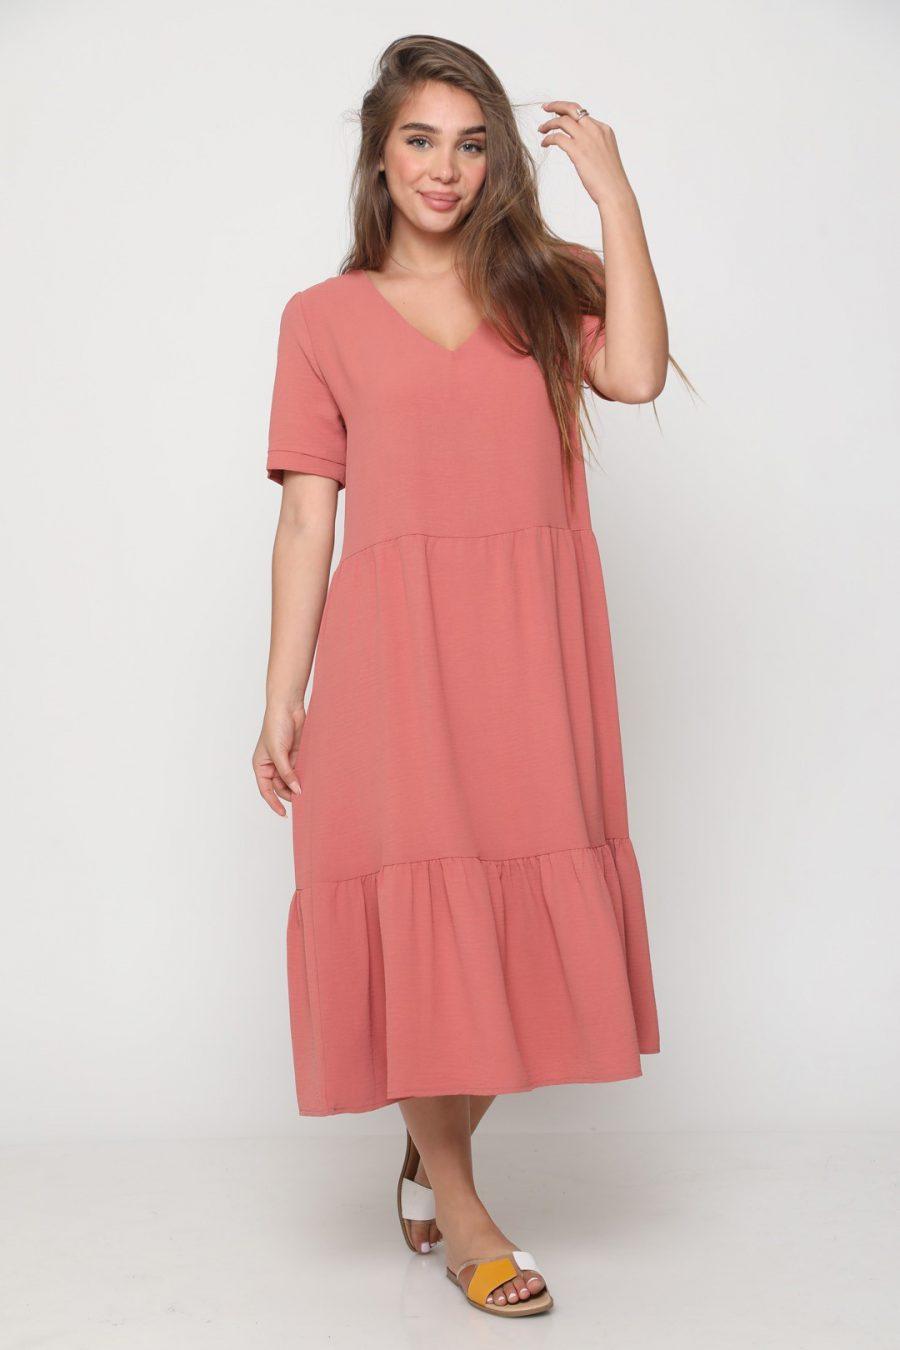 שמלה לונה בריק